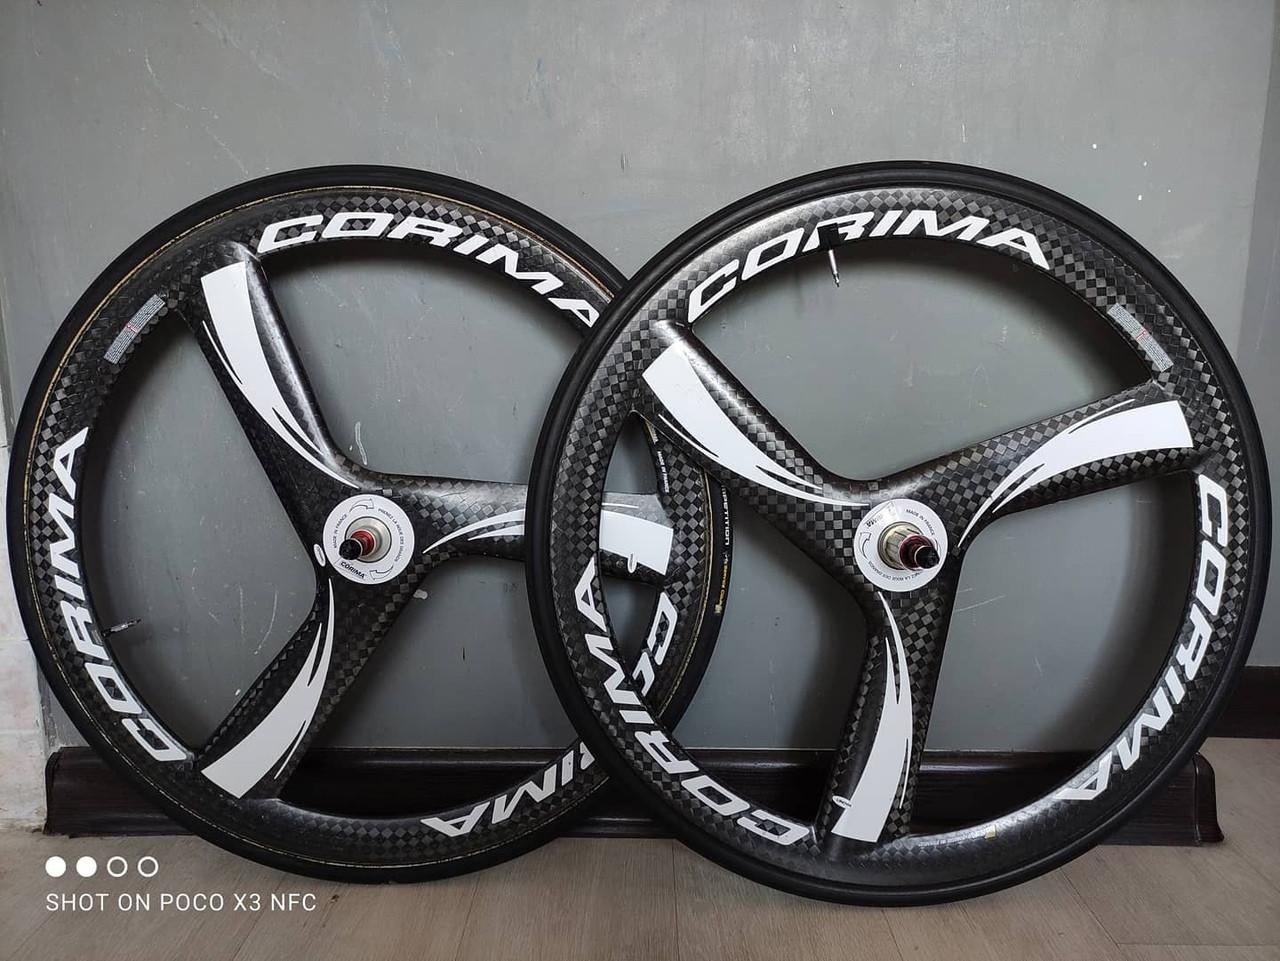 Французские 3-х спицевые колеса Corima